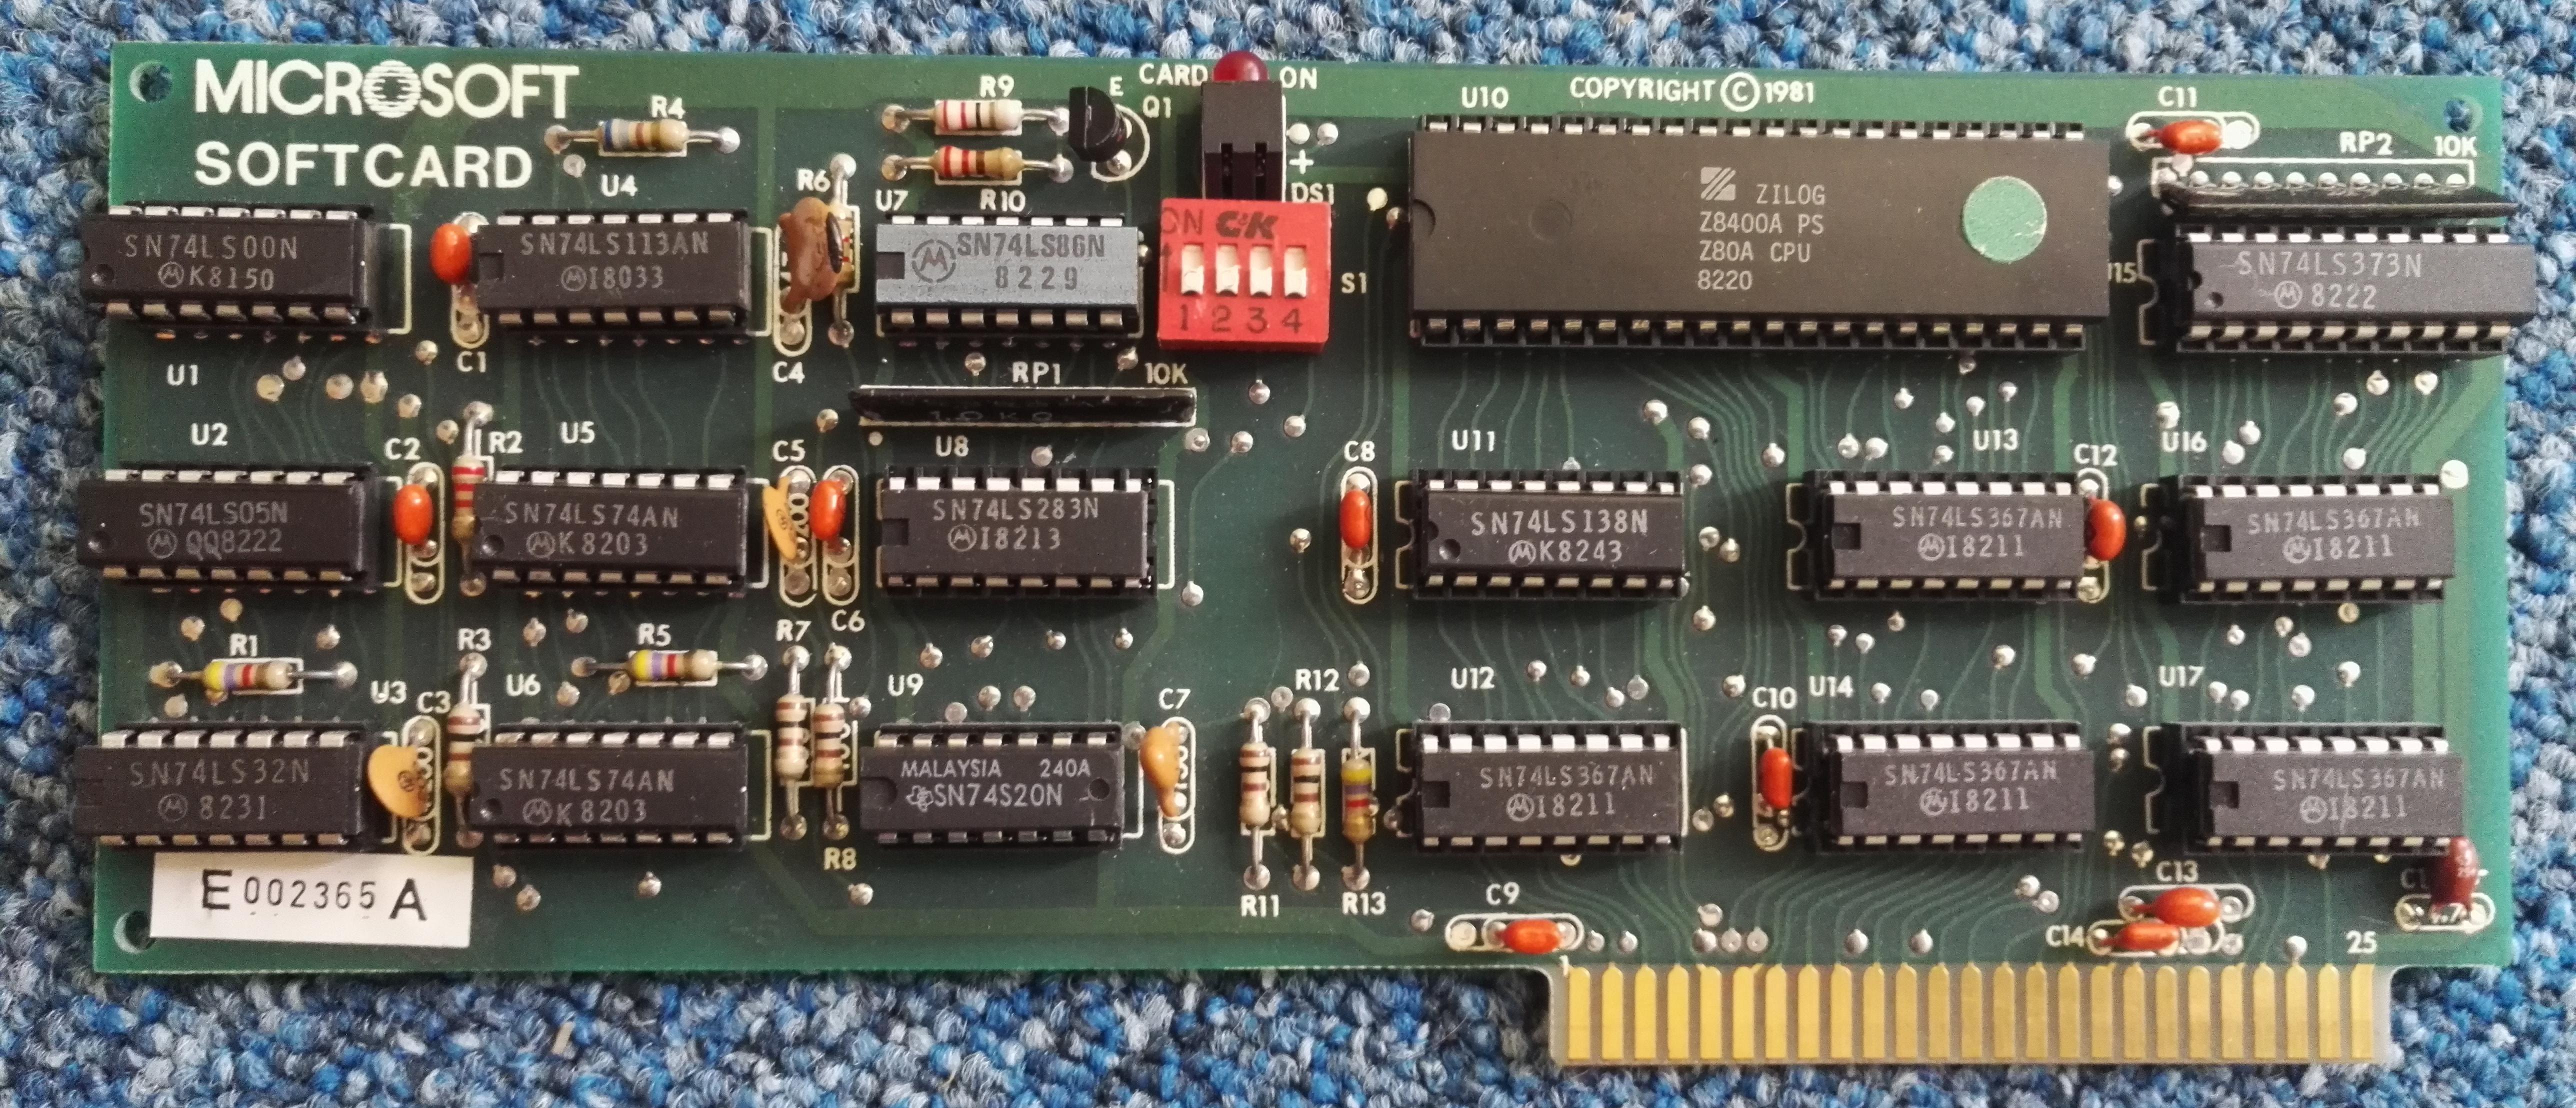 Z-80 SoftCard - Wikipedia